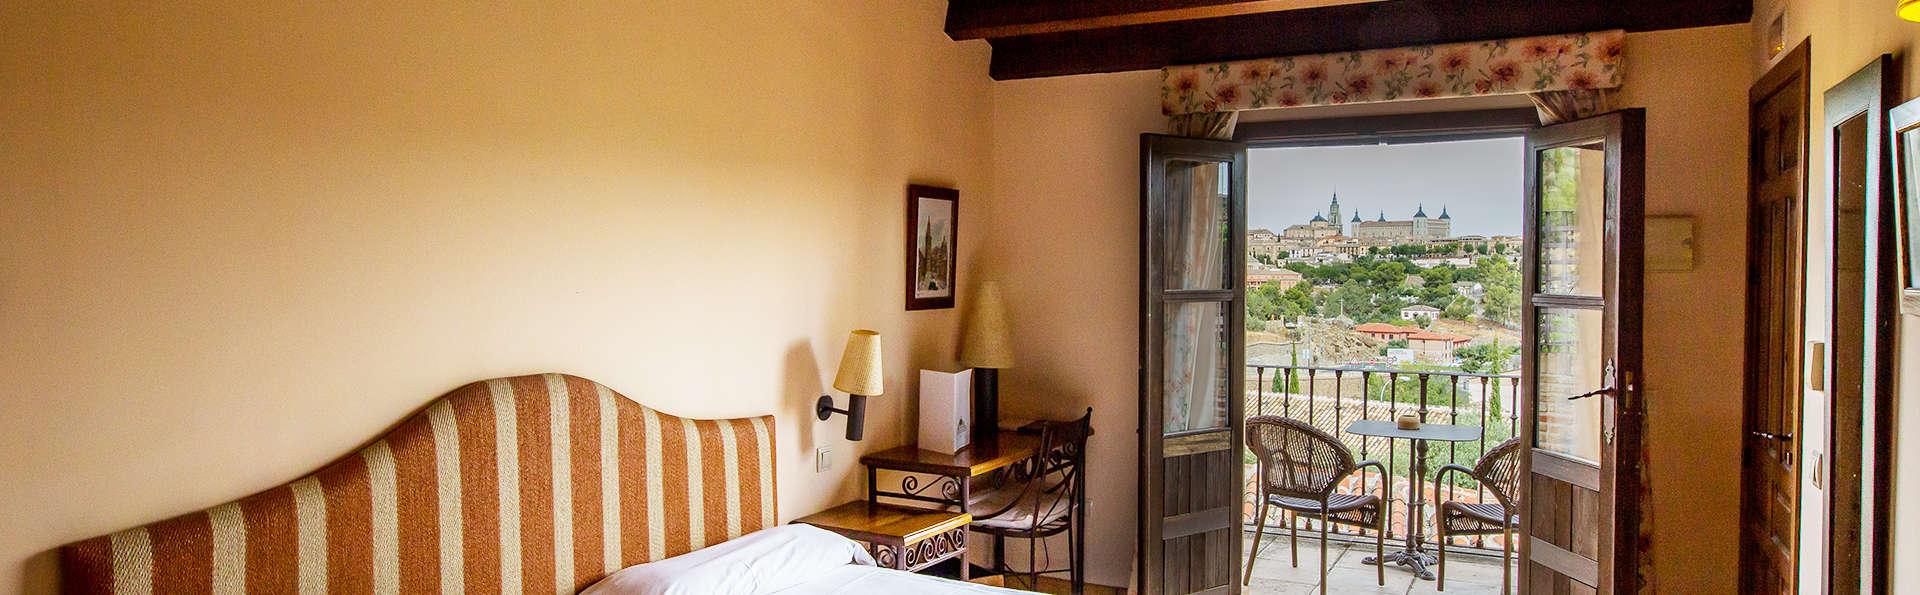 Especial Rincones Escondidos: Espectaculares vistas de Toledo desde la habitación